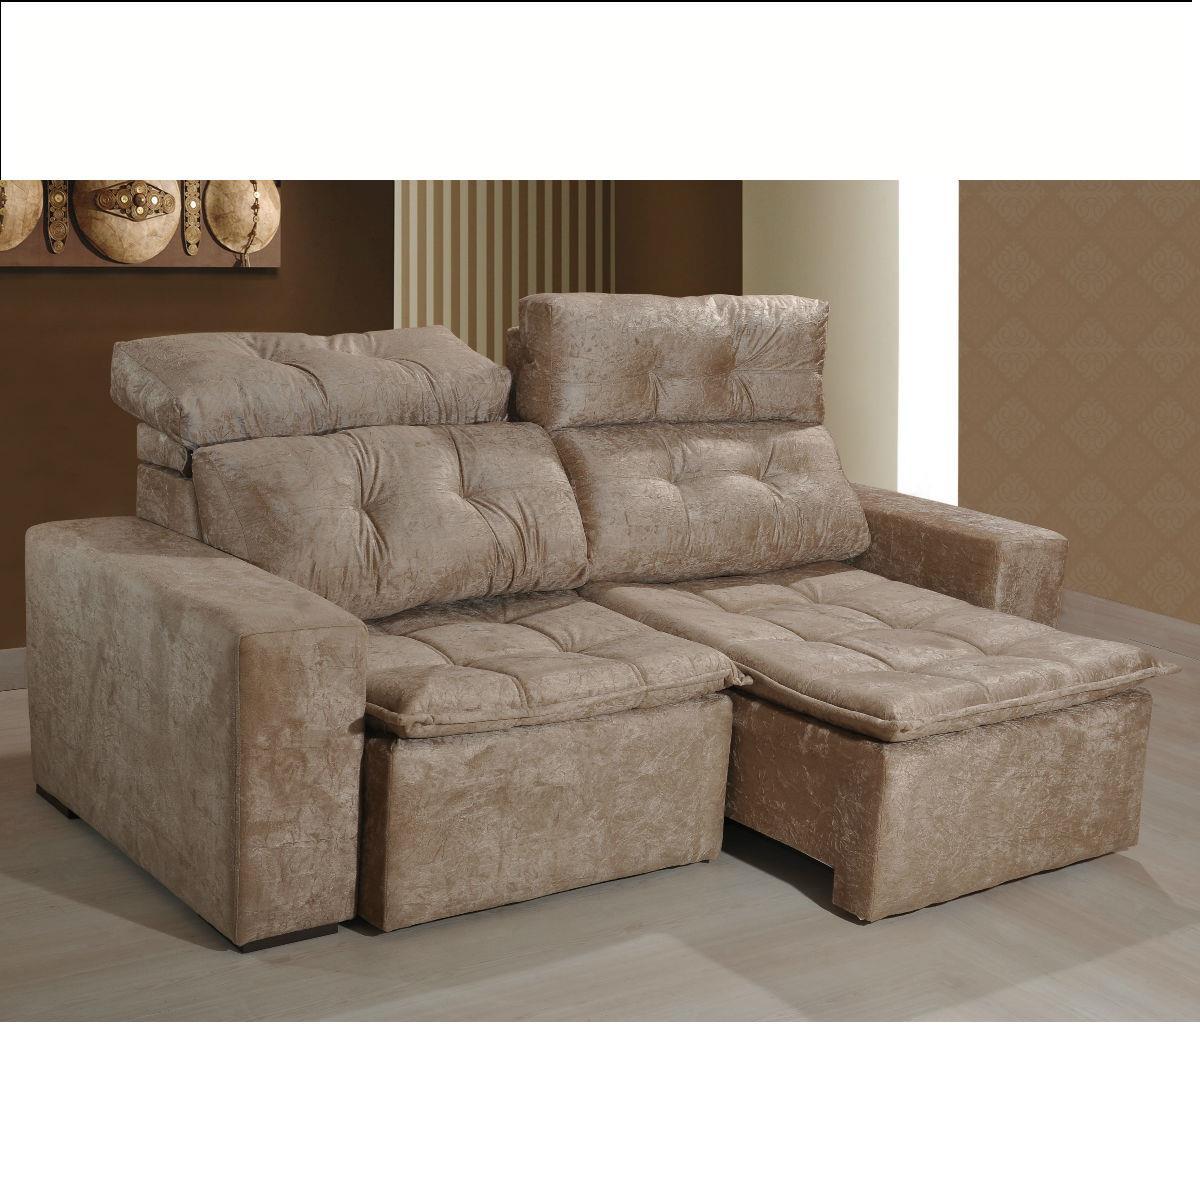 sofas-paropas-1